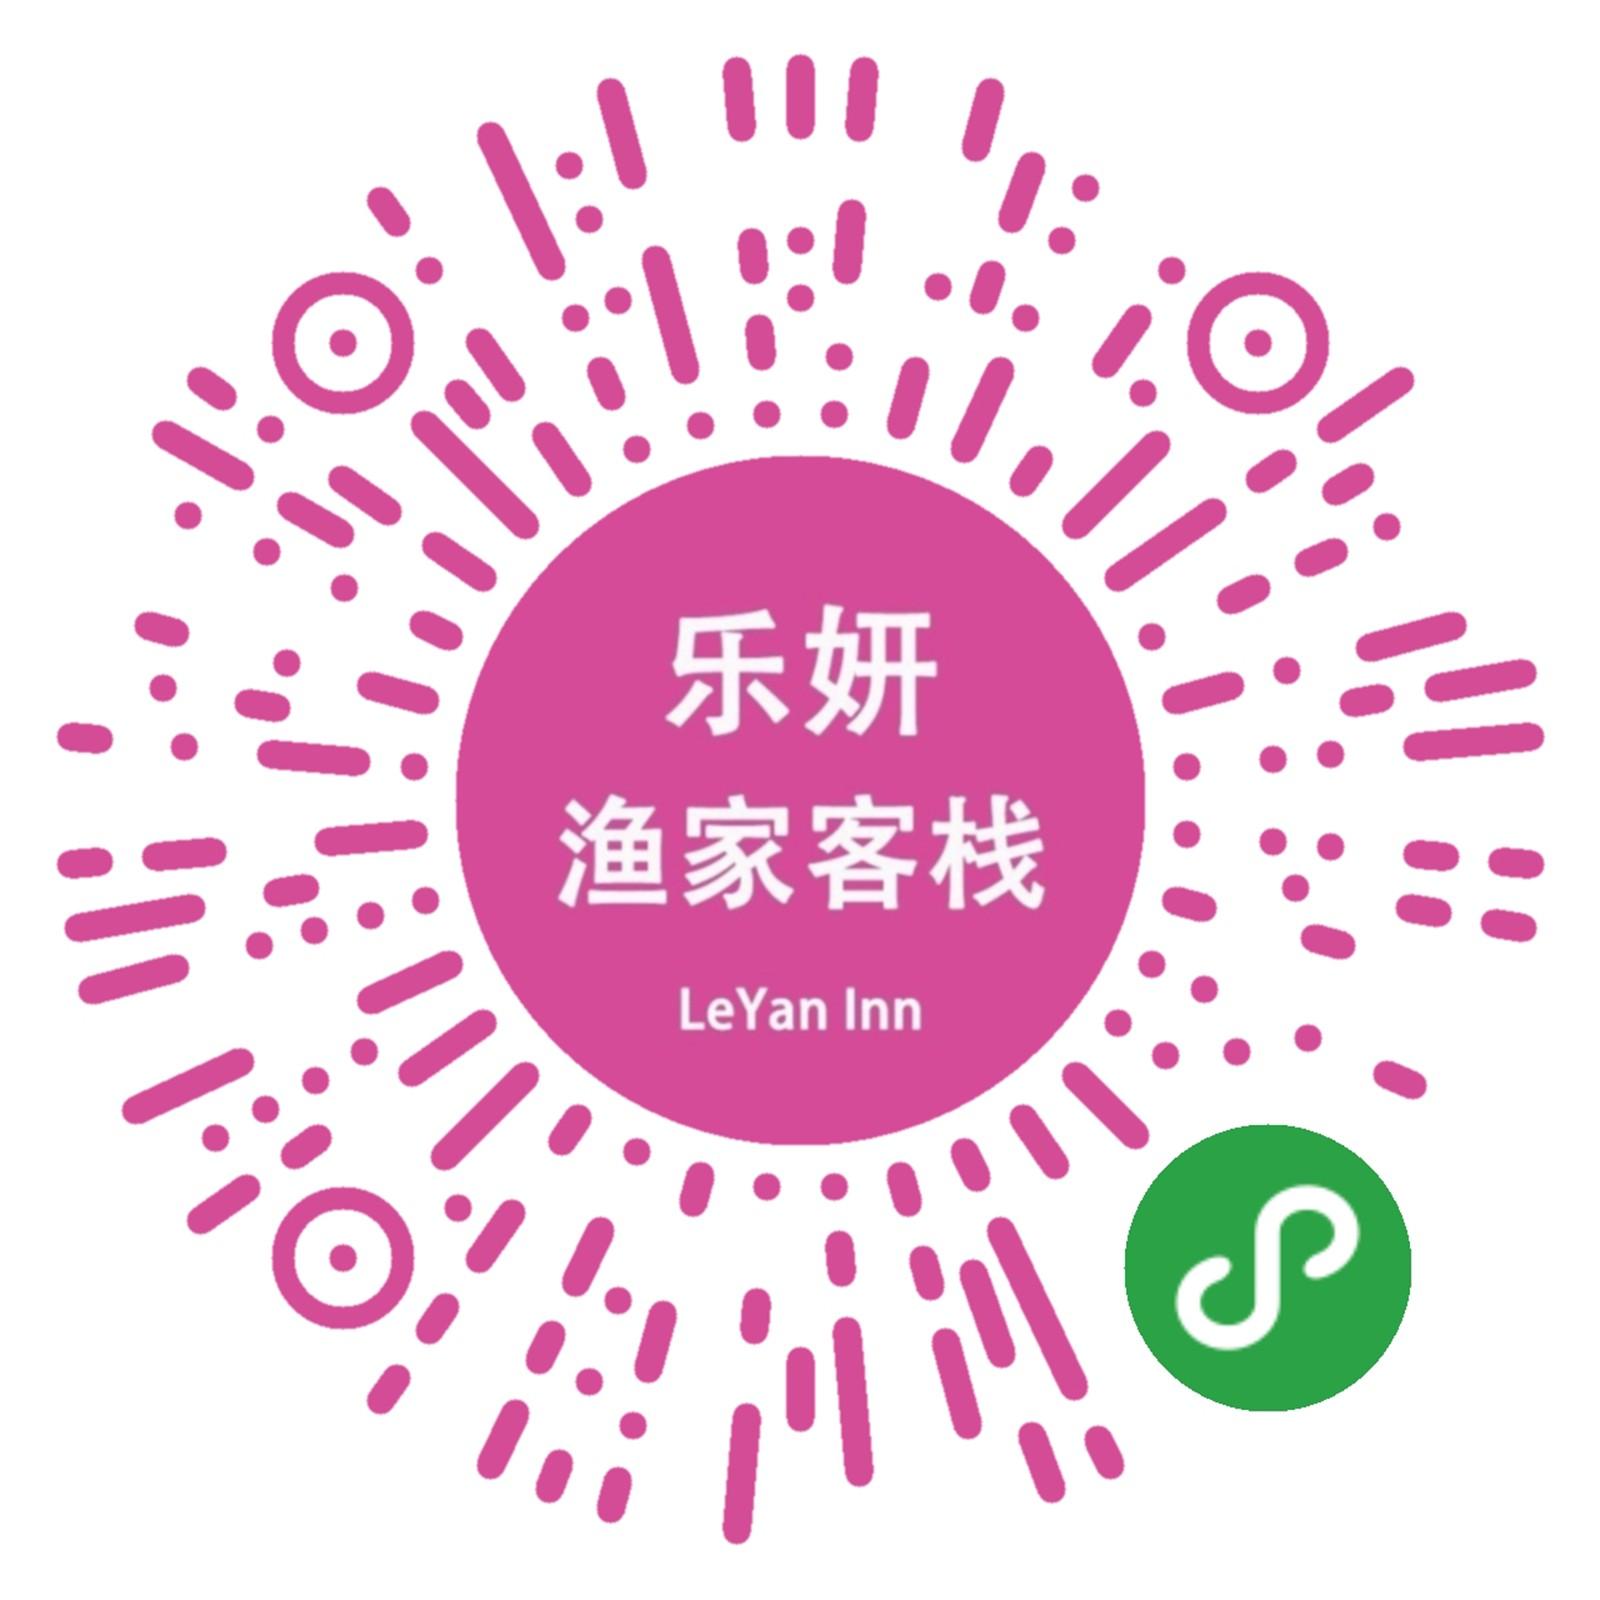 乐妍渔家客栈 LeYan Inn小程序二维码